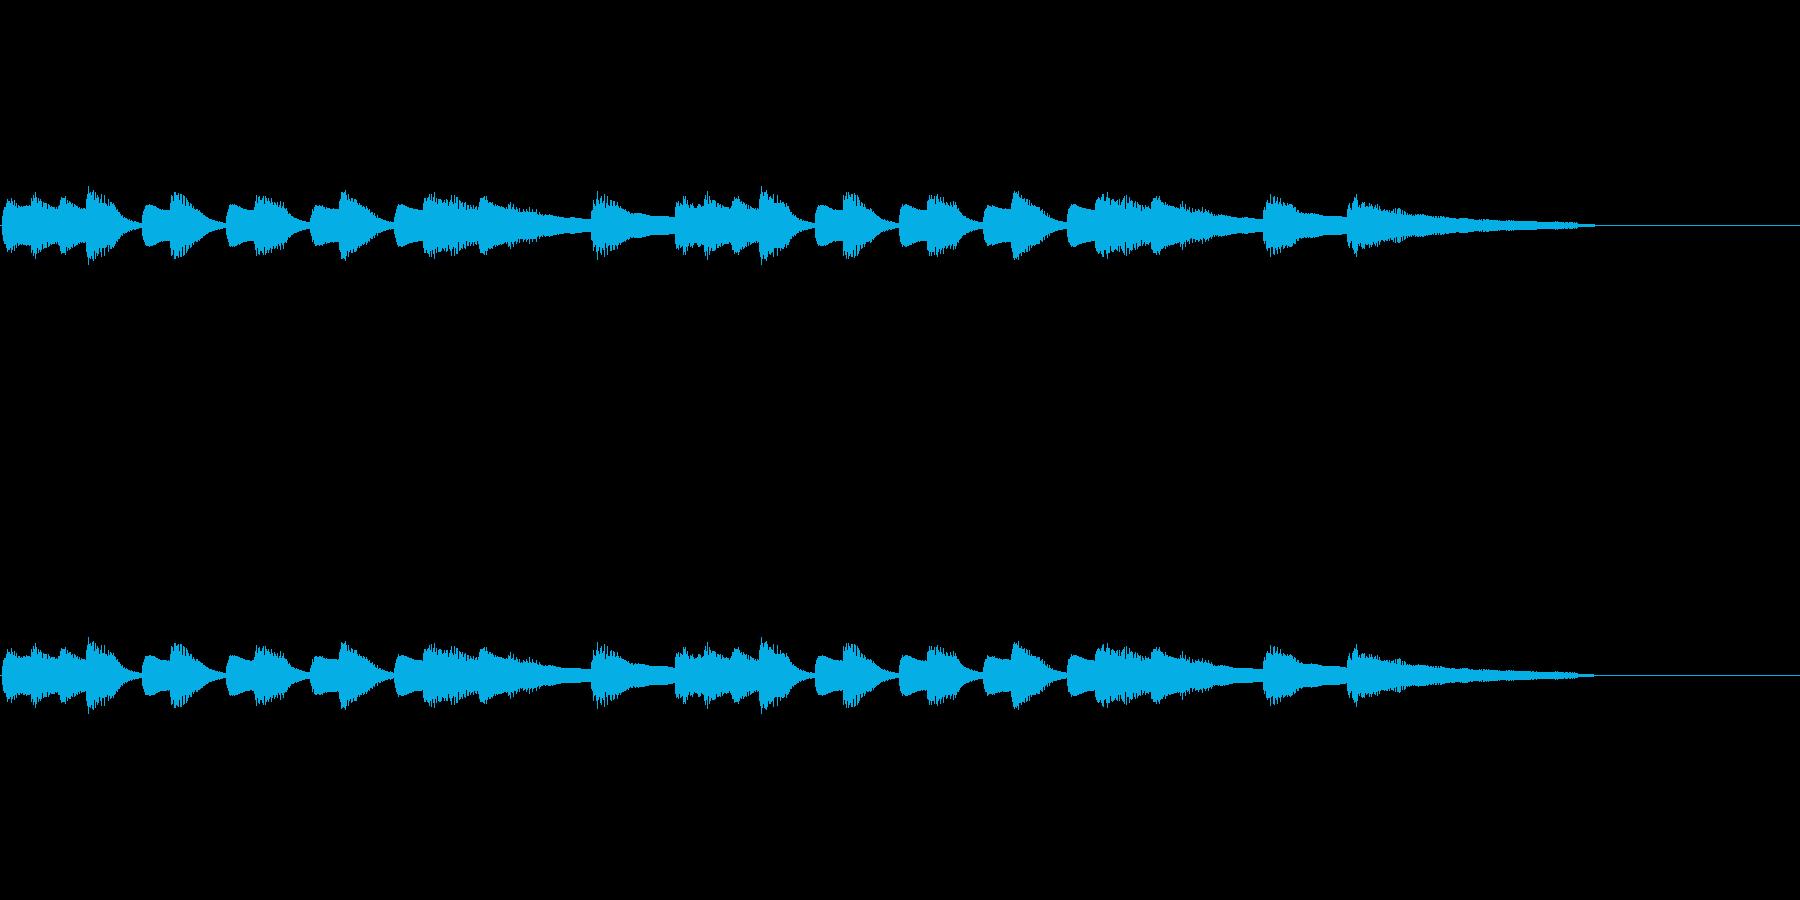 道化師、無気力、脱力系の再生済みの波形